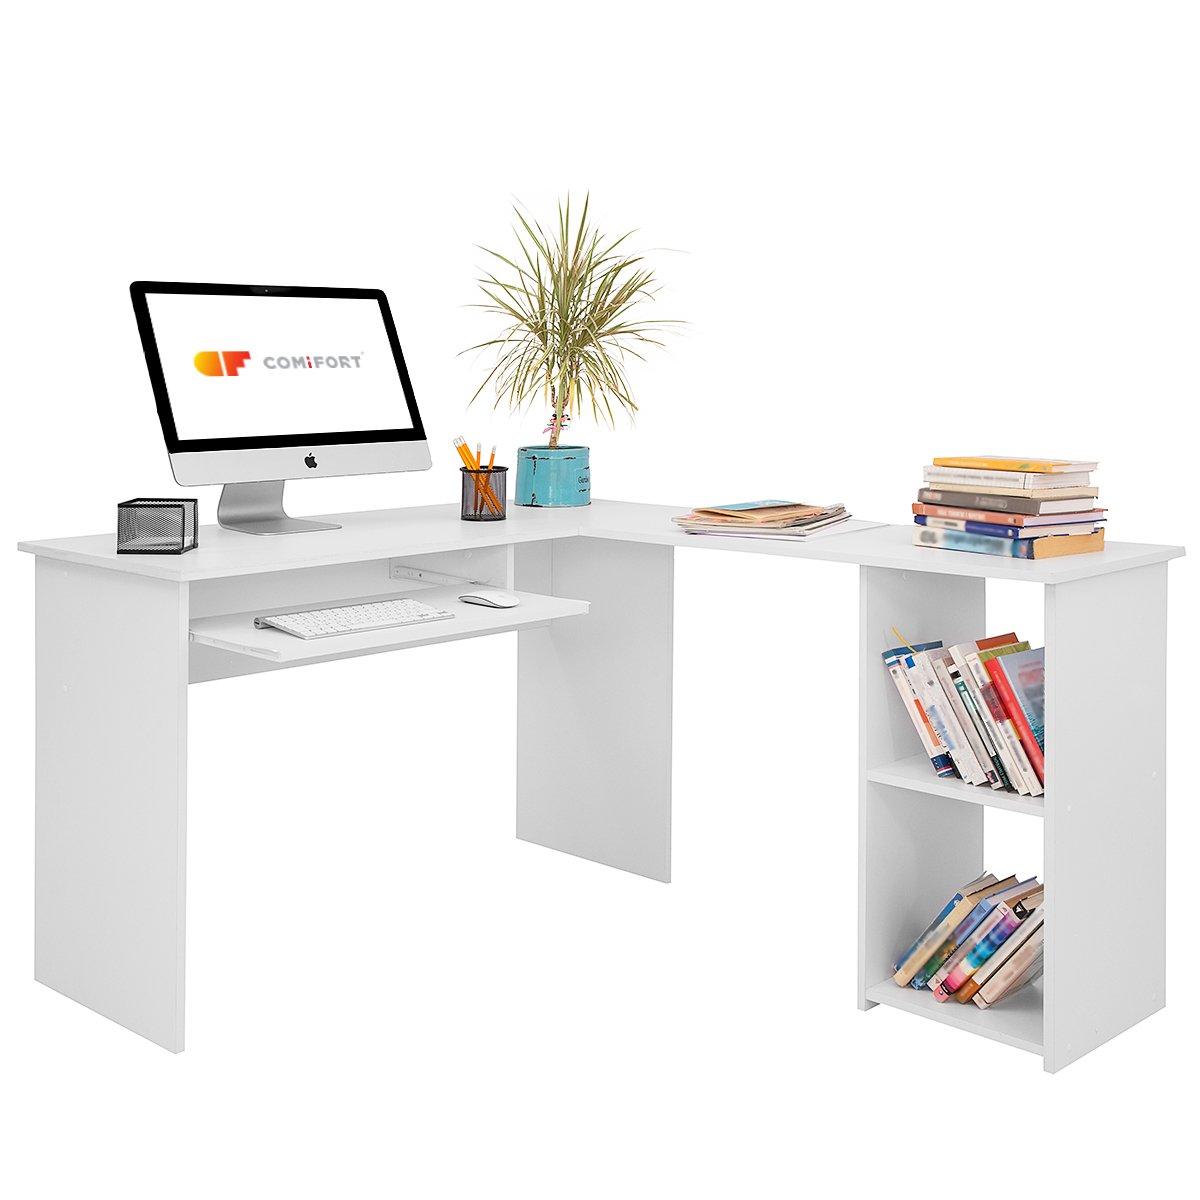 COMIFORT Escritorio T06B - Forma L Mesa de Ordenador Esquina Escritorios Juvenil para Hogar o Oficina